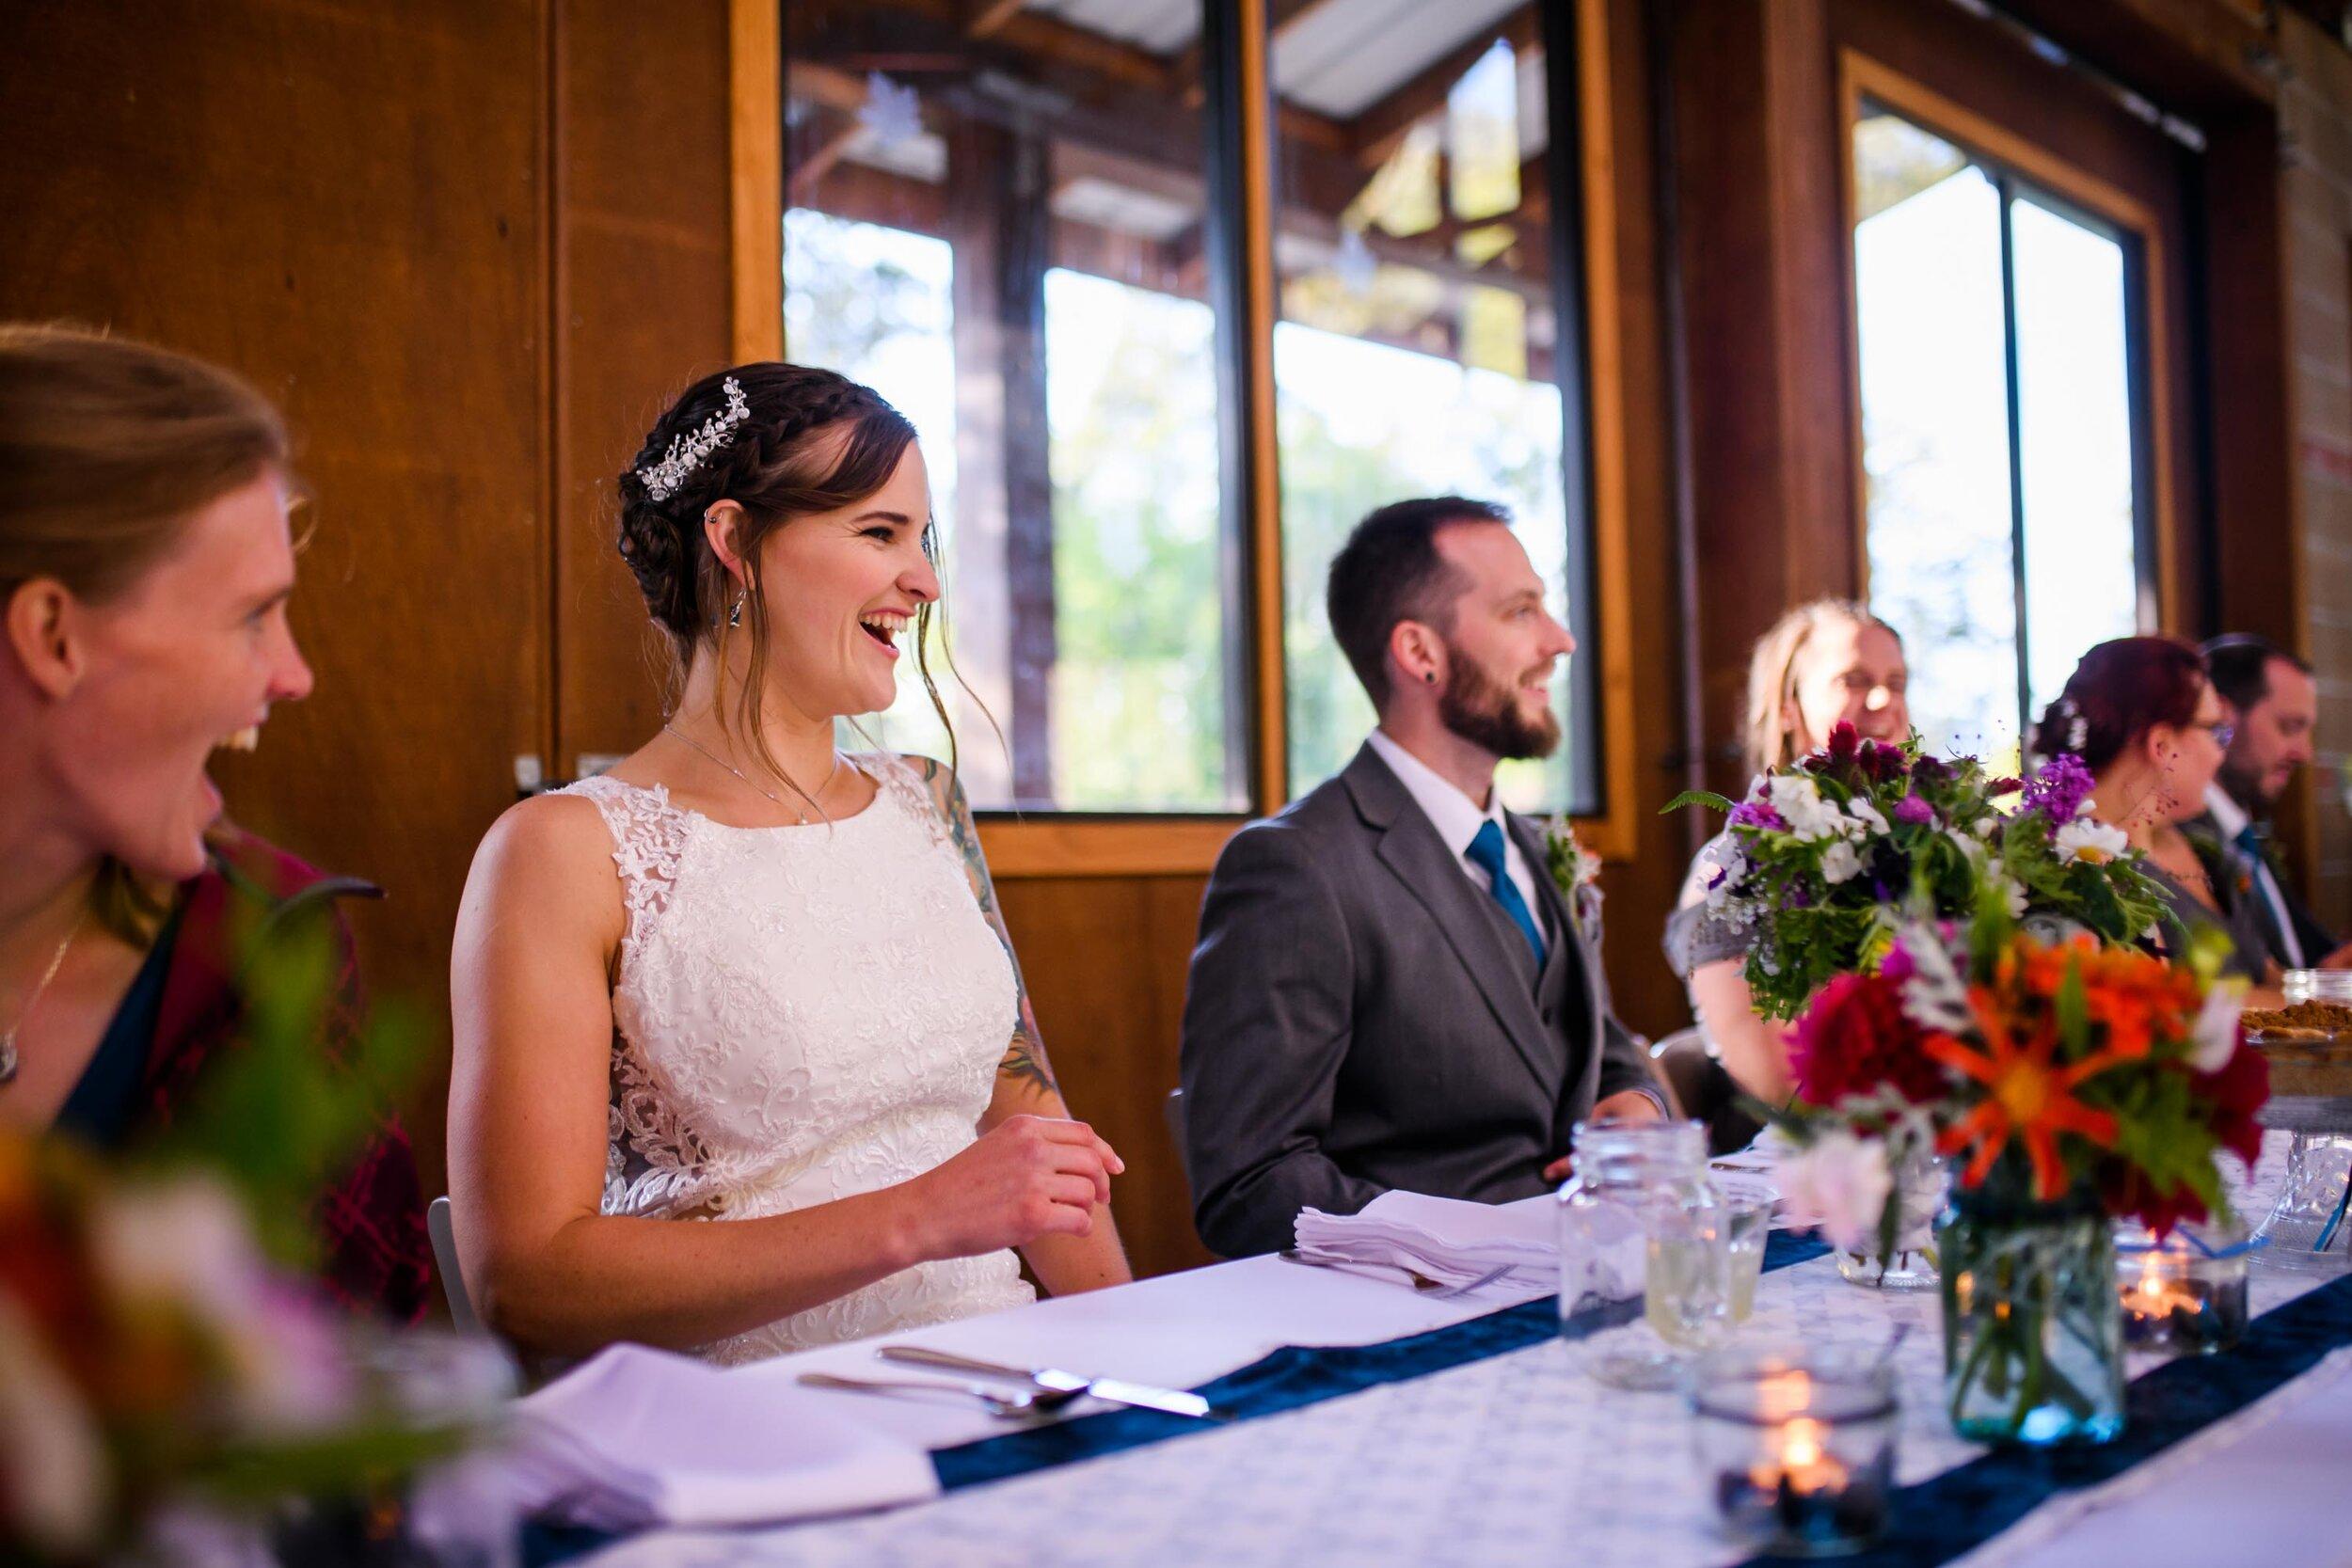 Mt. Pisgah Arboretum wedding photos 95.JPG